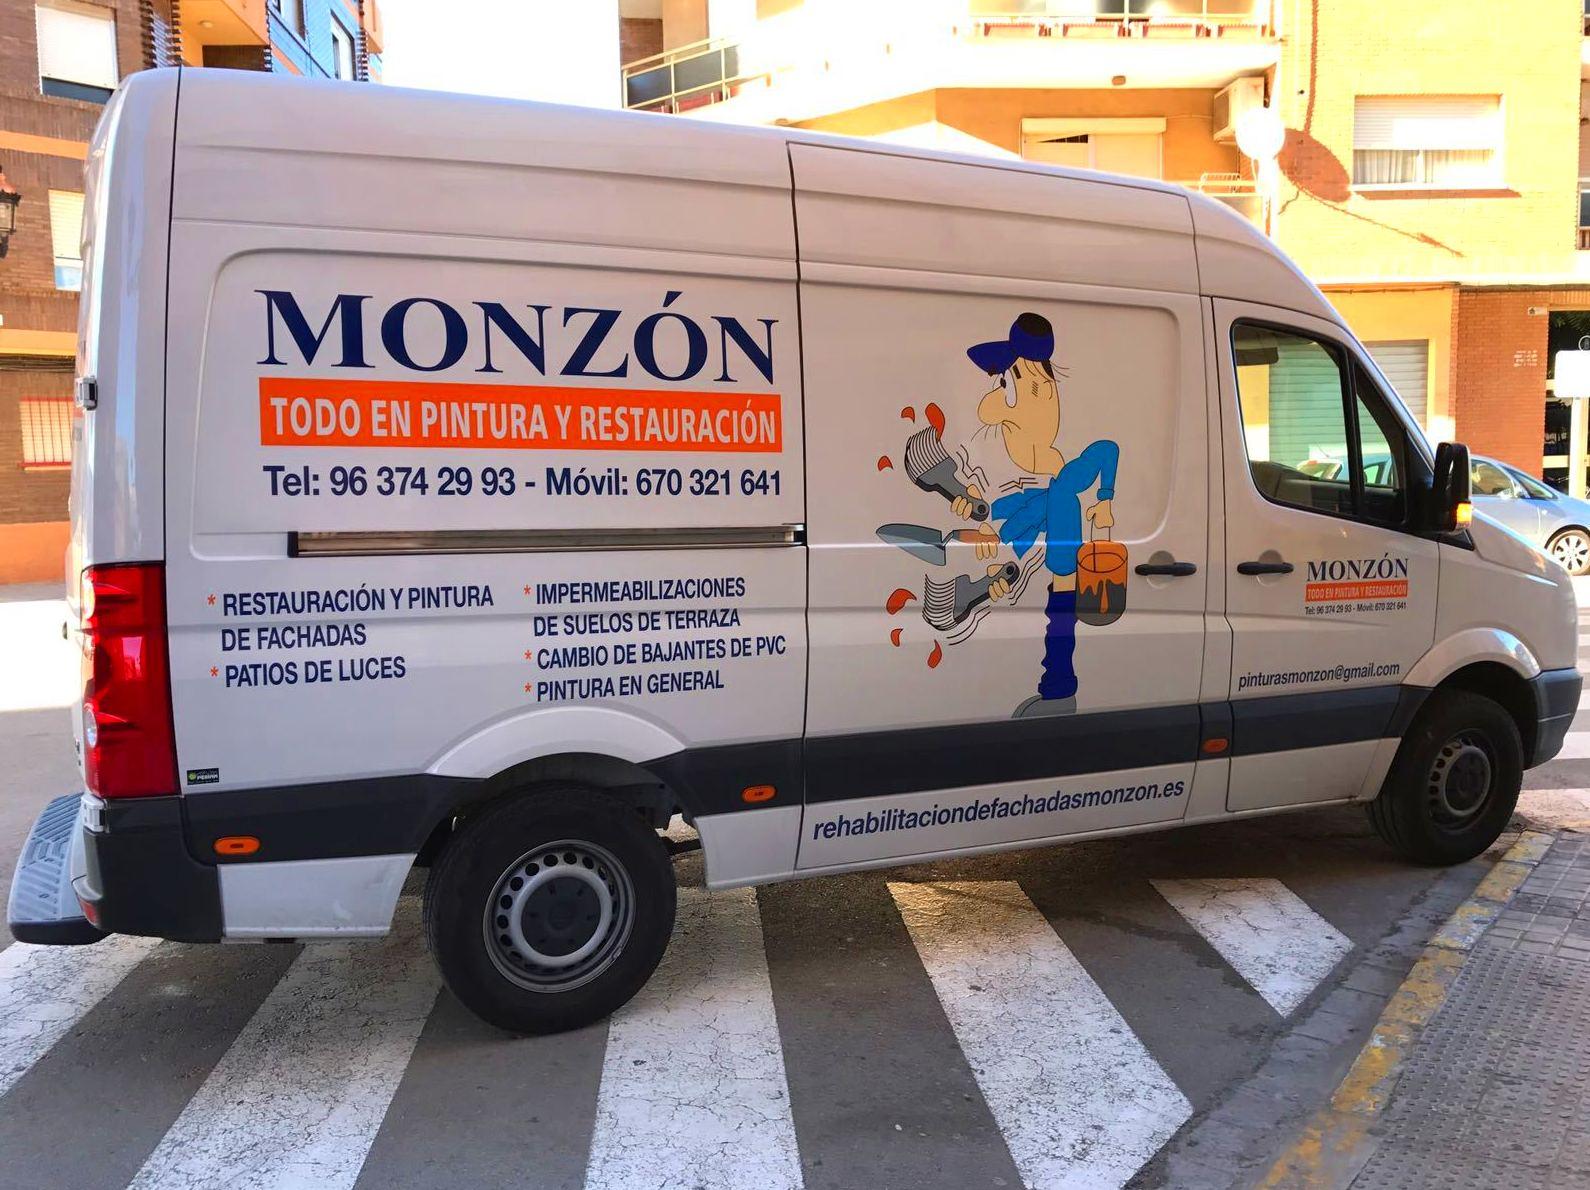 Pintura y restauracion Monzon